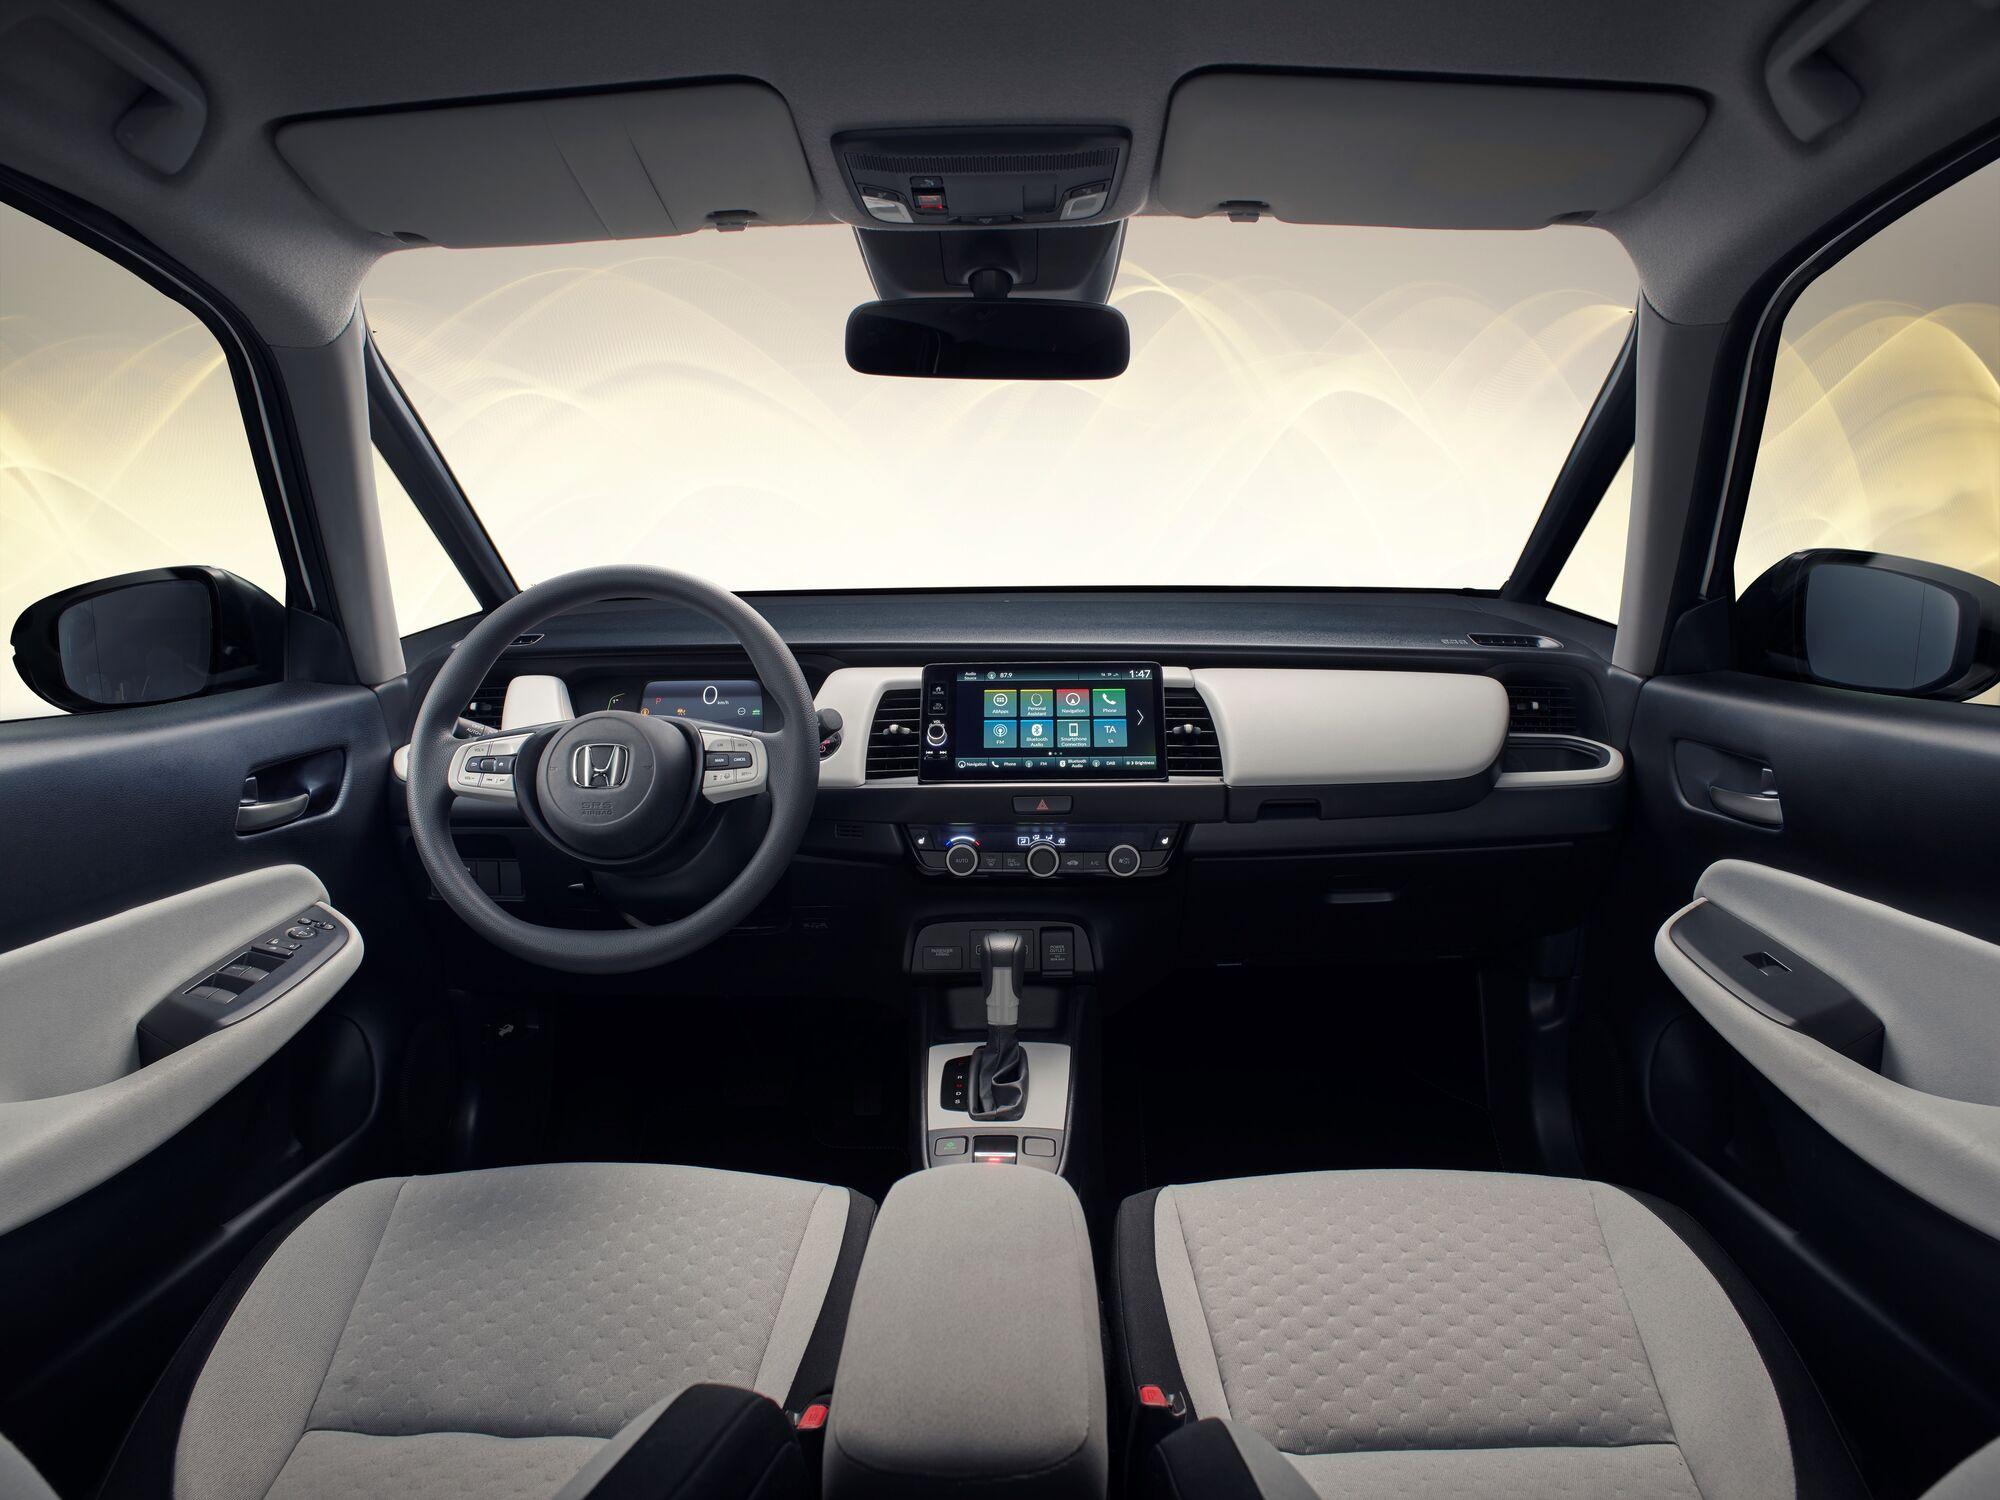 Honda Jazz отримала 7-дюймову цифрову шкалу приладів і 9-дюймовий сенсорний екран мультимедійної системи